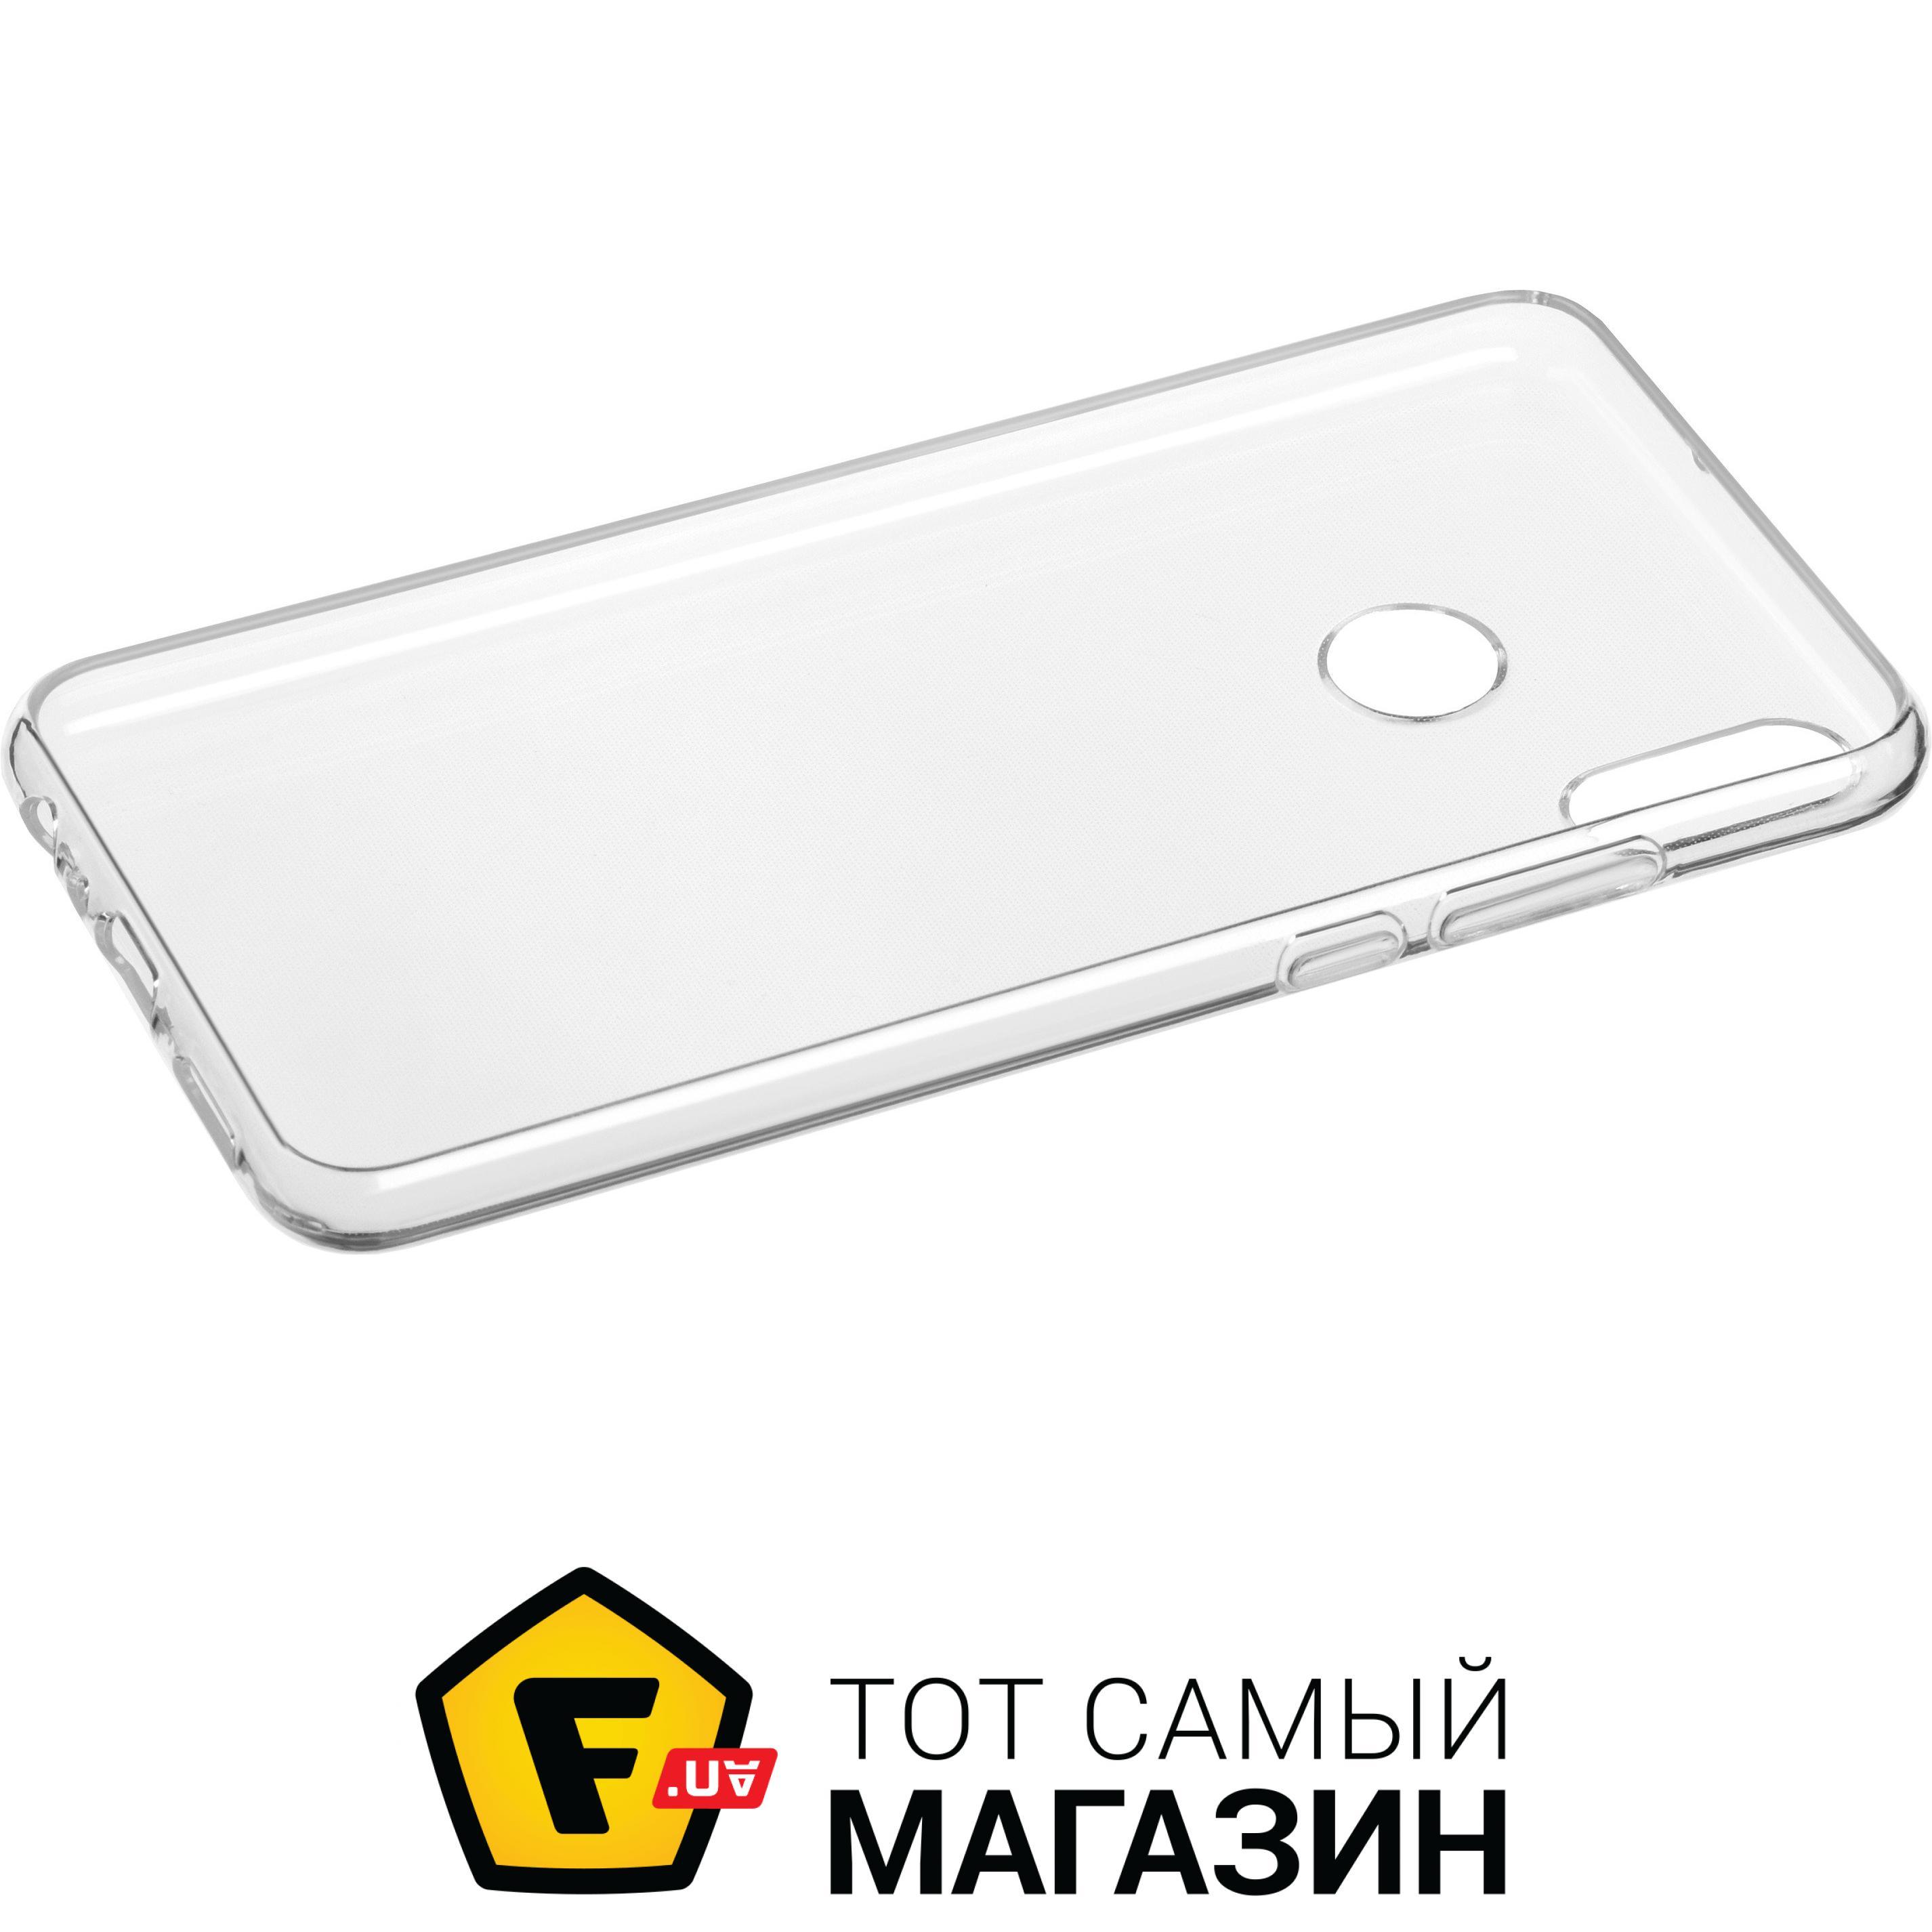 6b4c2037ec1f8 Чехол-накладка для Huawei - прозрачный - 2e Тип: чехол-накладка, 2